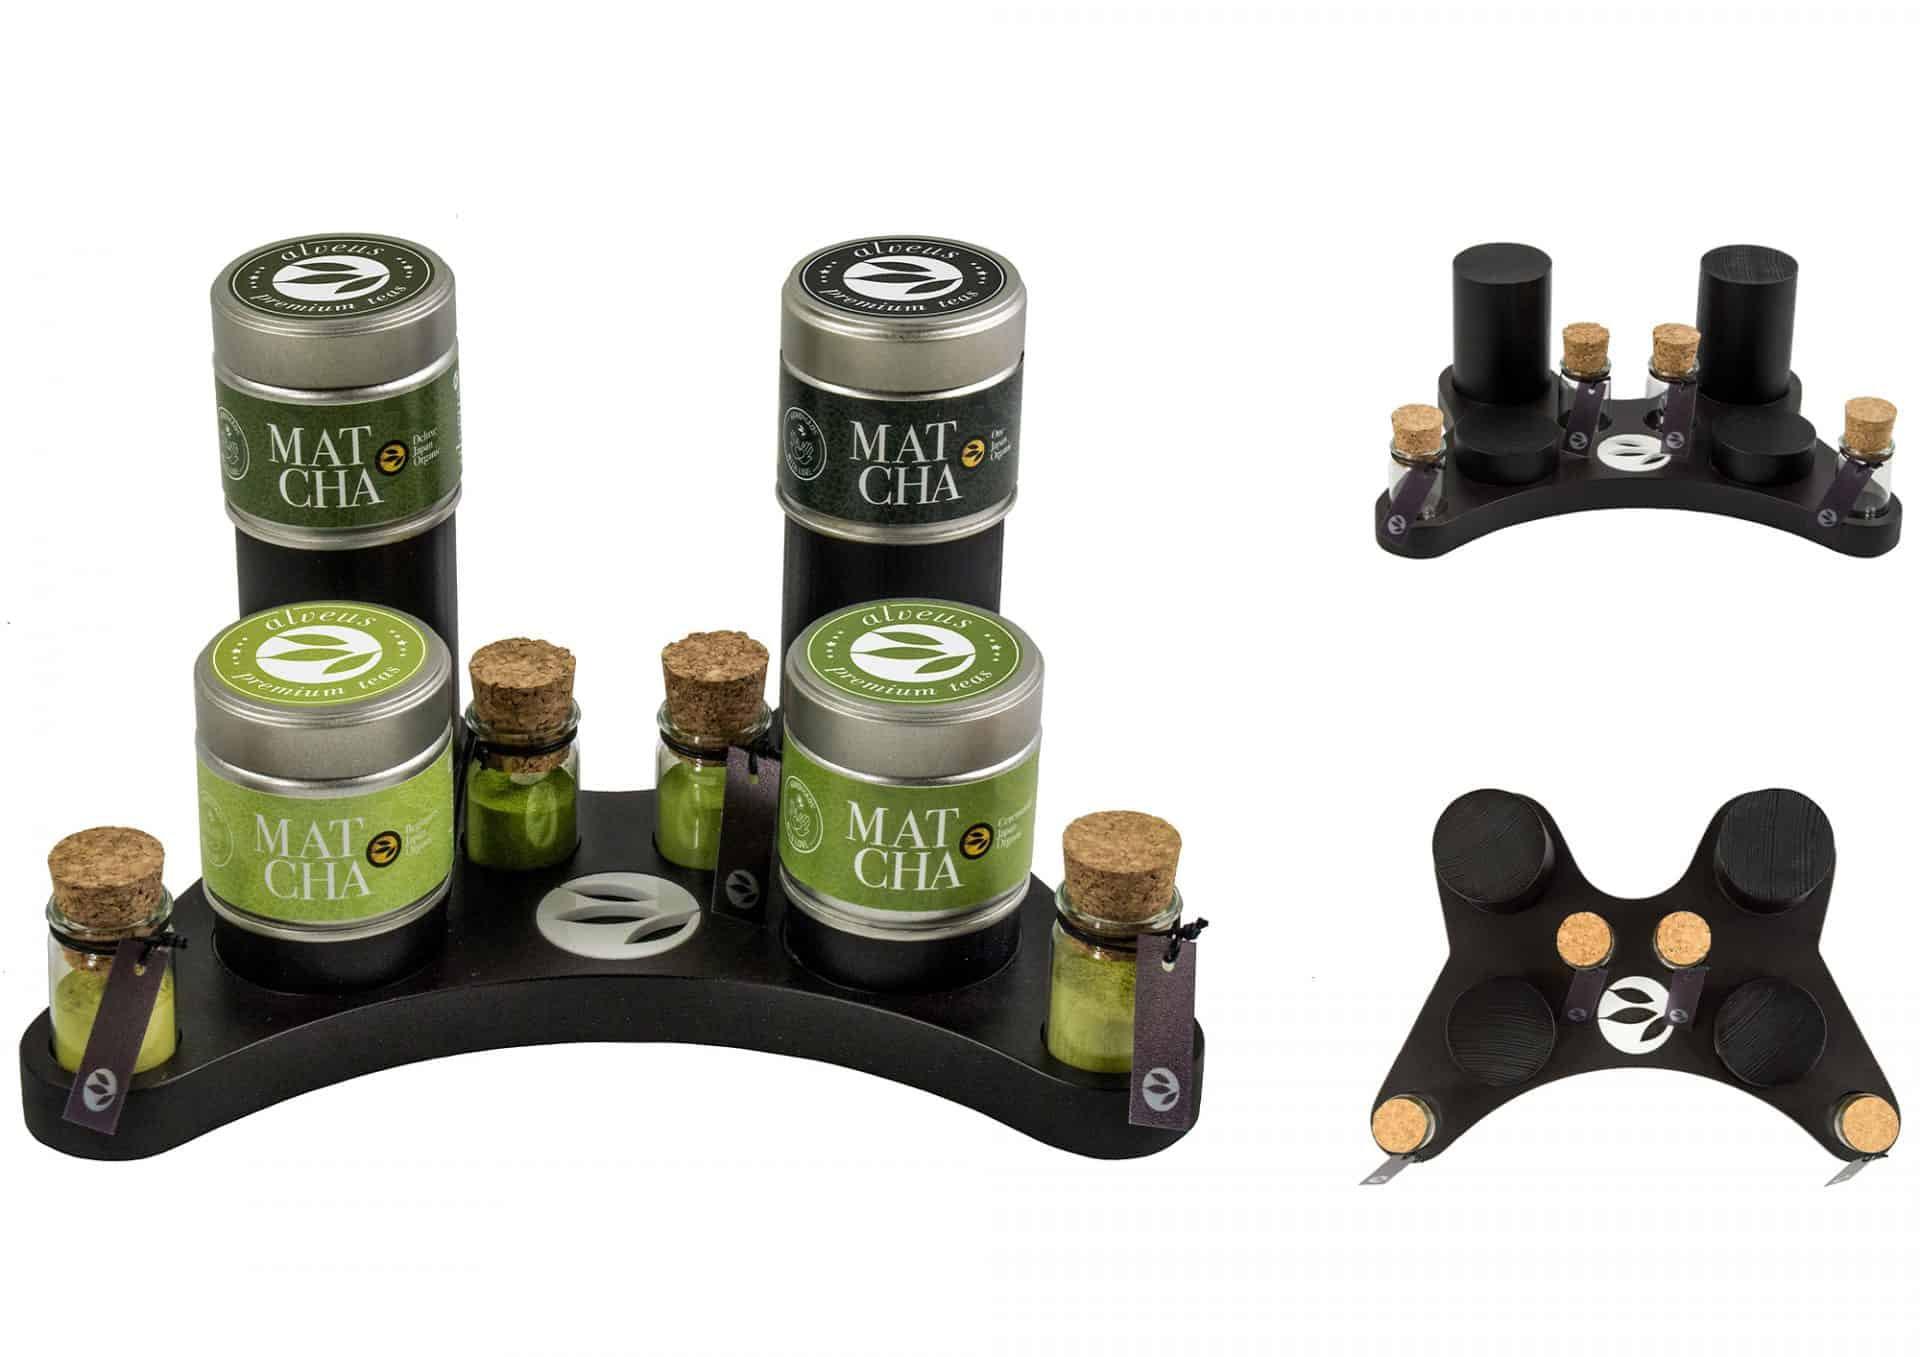 alveus Matcha Controller zur würdevollen Präsentation der 4 wertvollen Matchas von alveus mit Tester-Gläsern und verschieden hohen Präsentations-Sockeln designed in Form eines Game-Controllers aus schwarzer MDF von Lange Architekten als Serien-Produkt für alveus